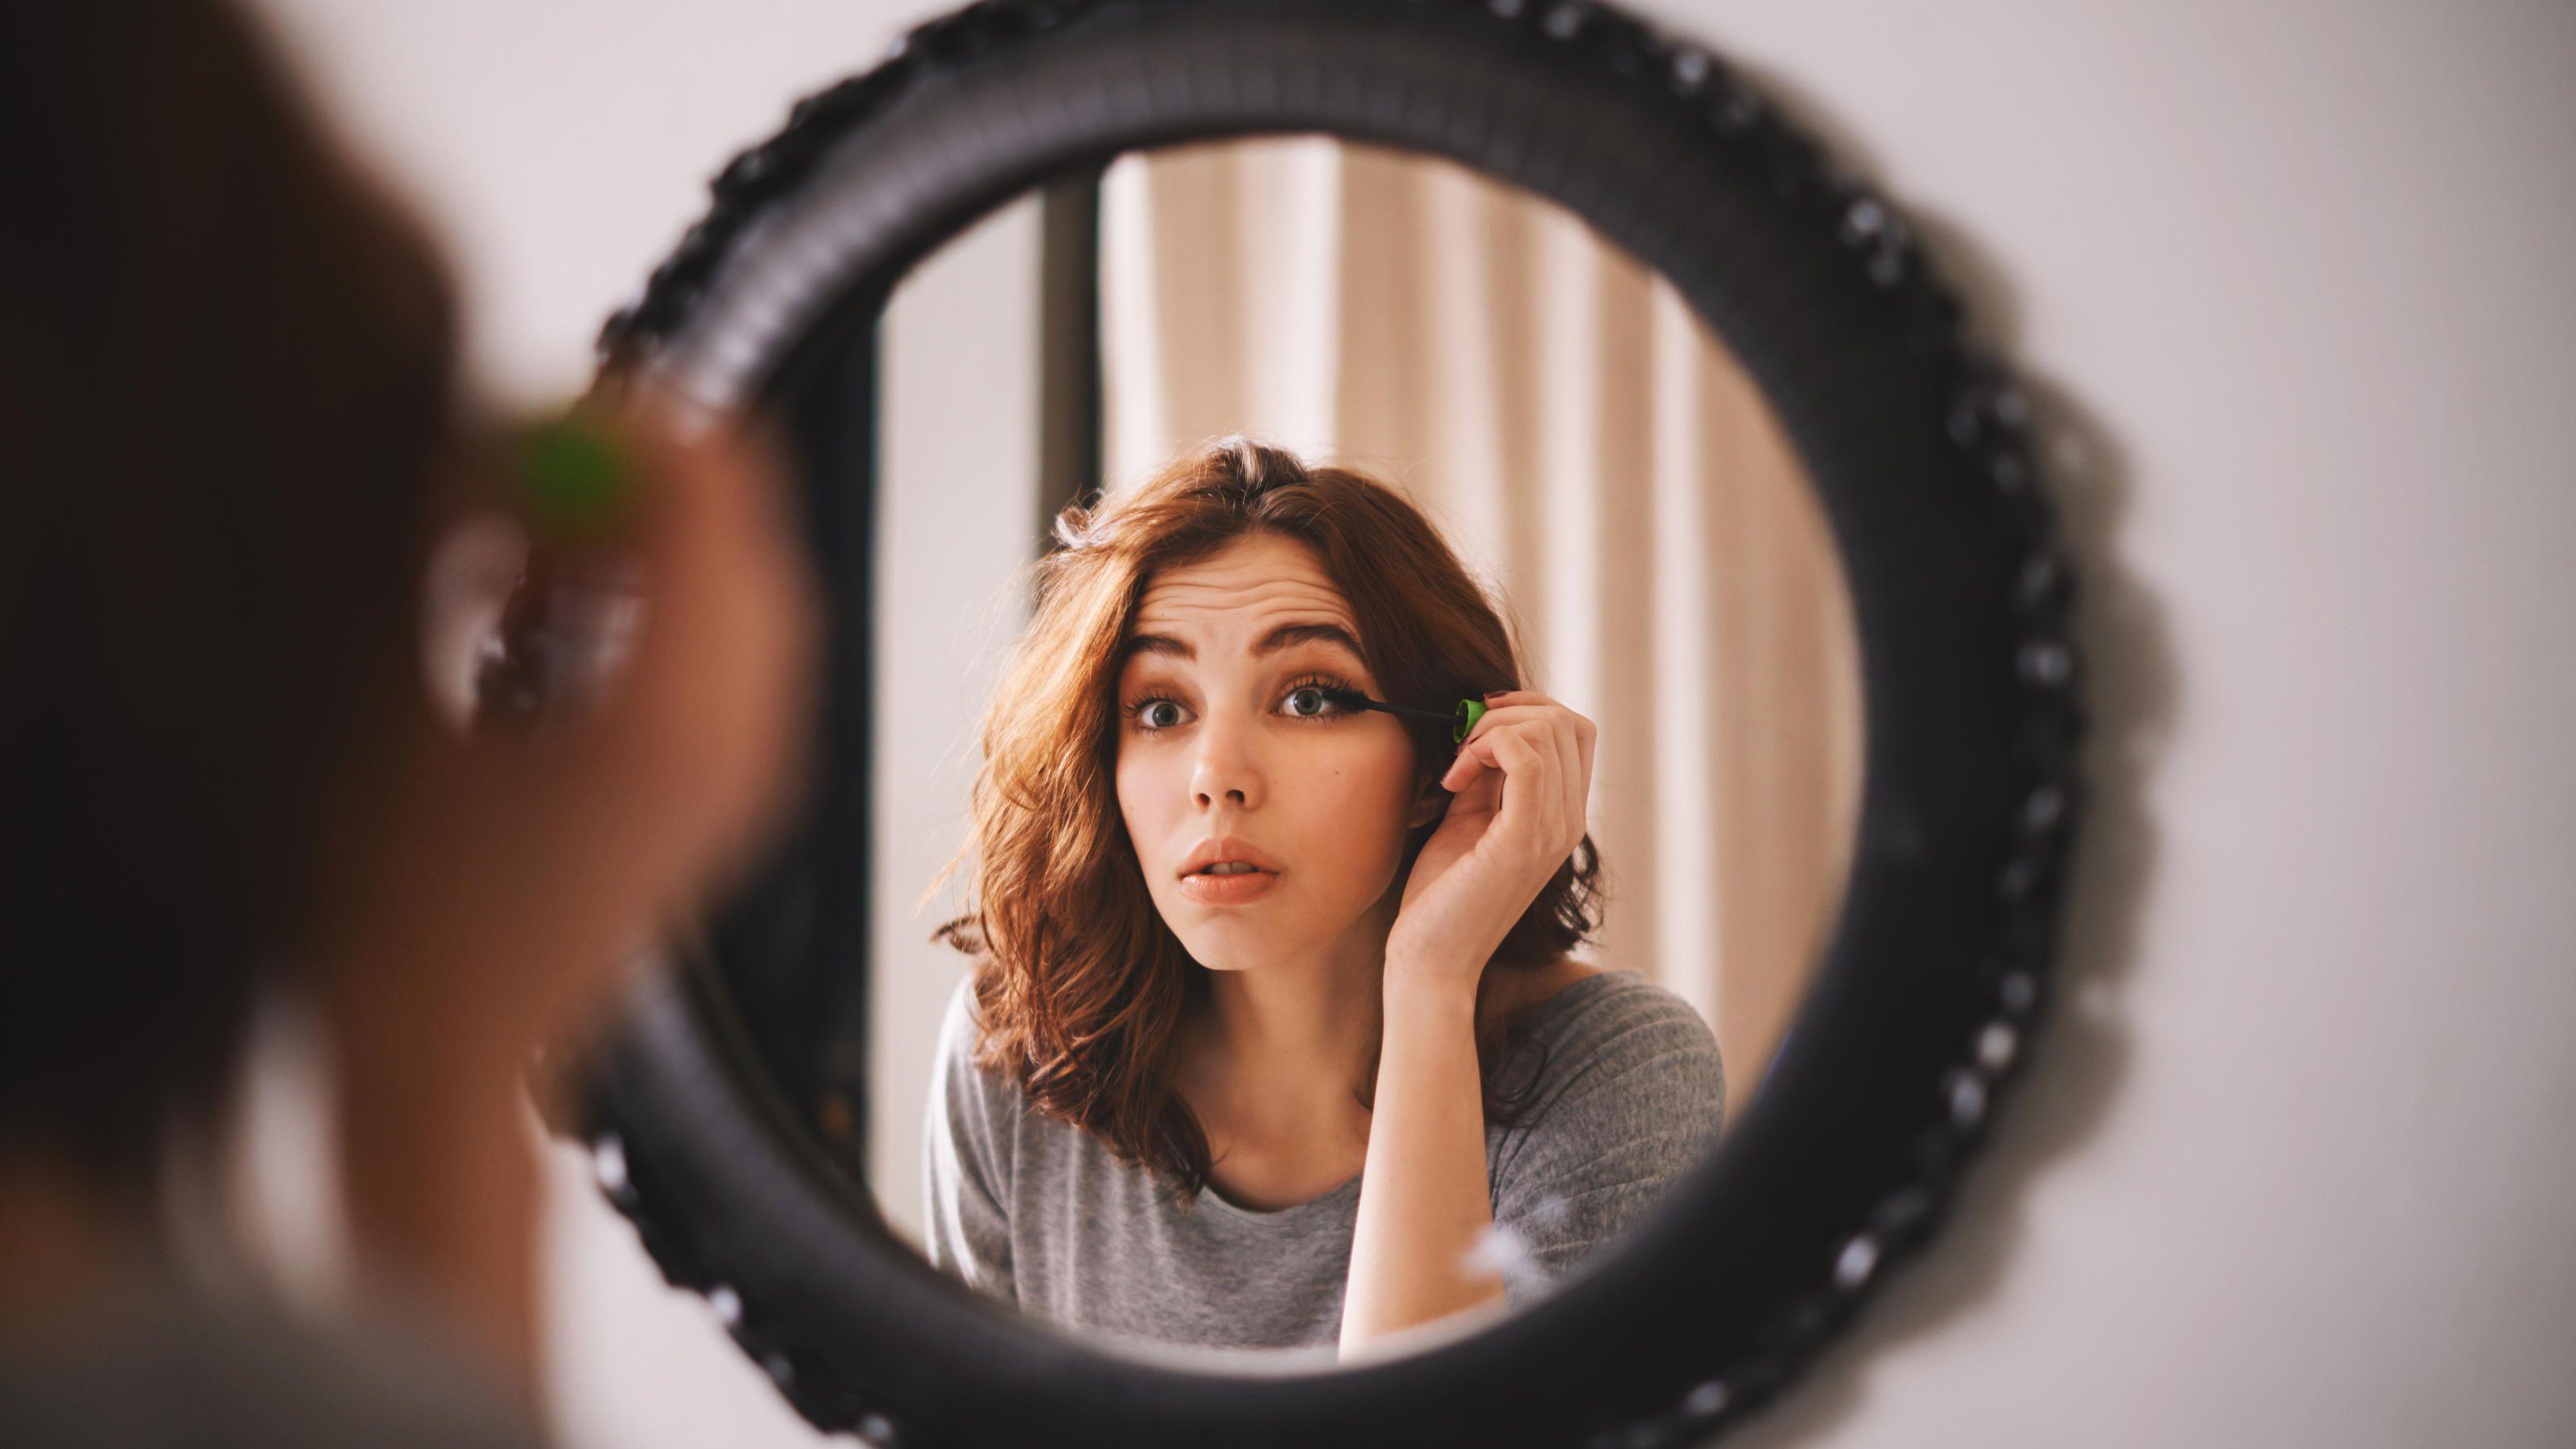 Fiber Mascaras Sinnvolles Produkt Oder Reine Geldverschwendung